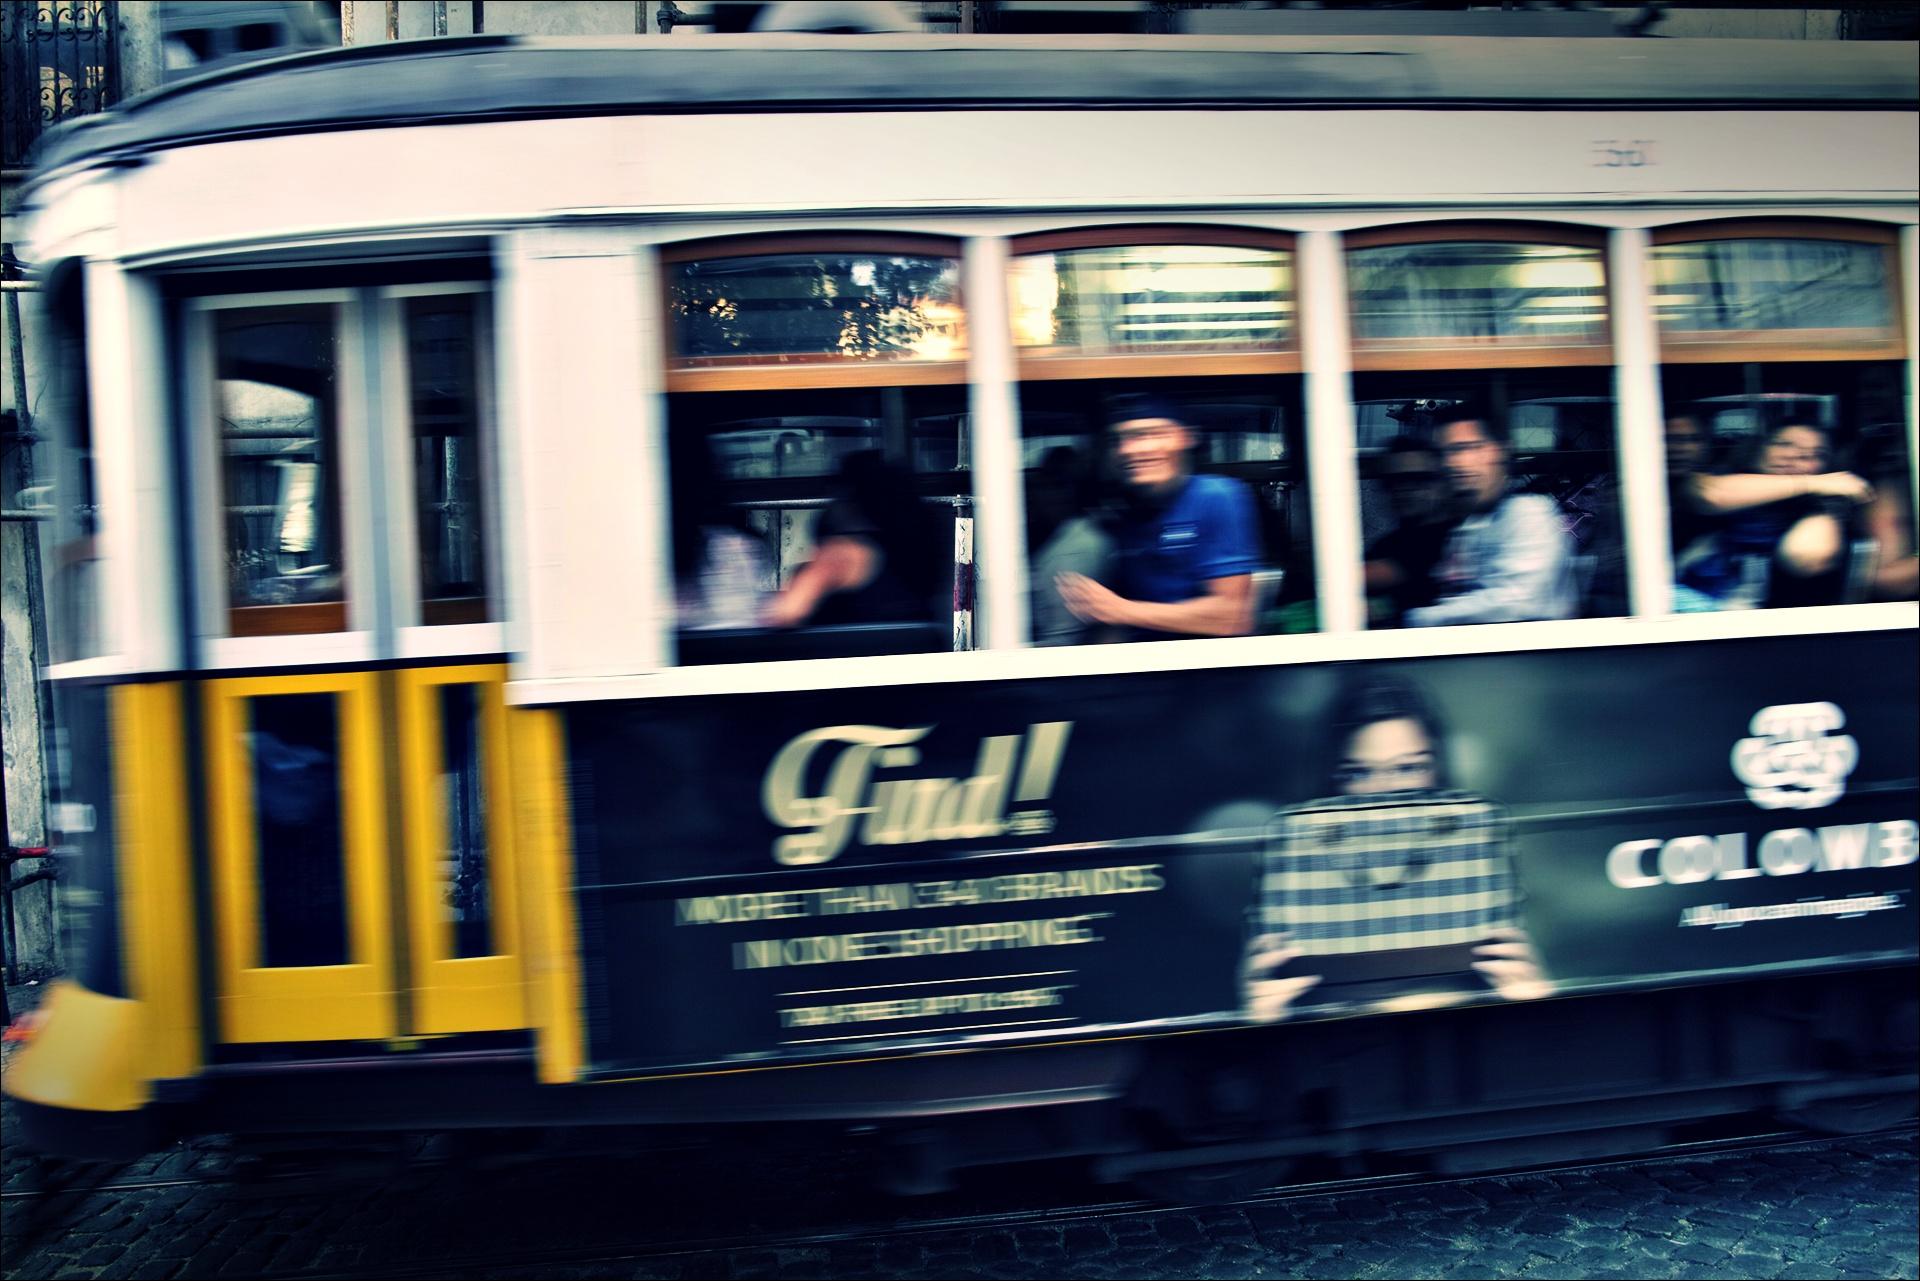 트램-'리스본 Lisbon'